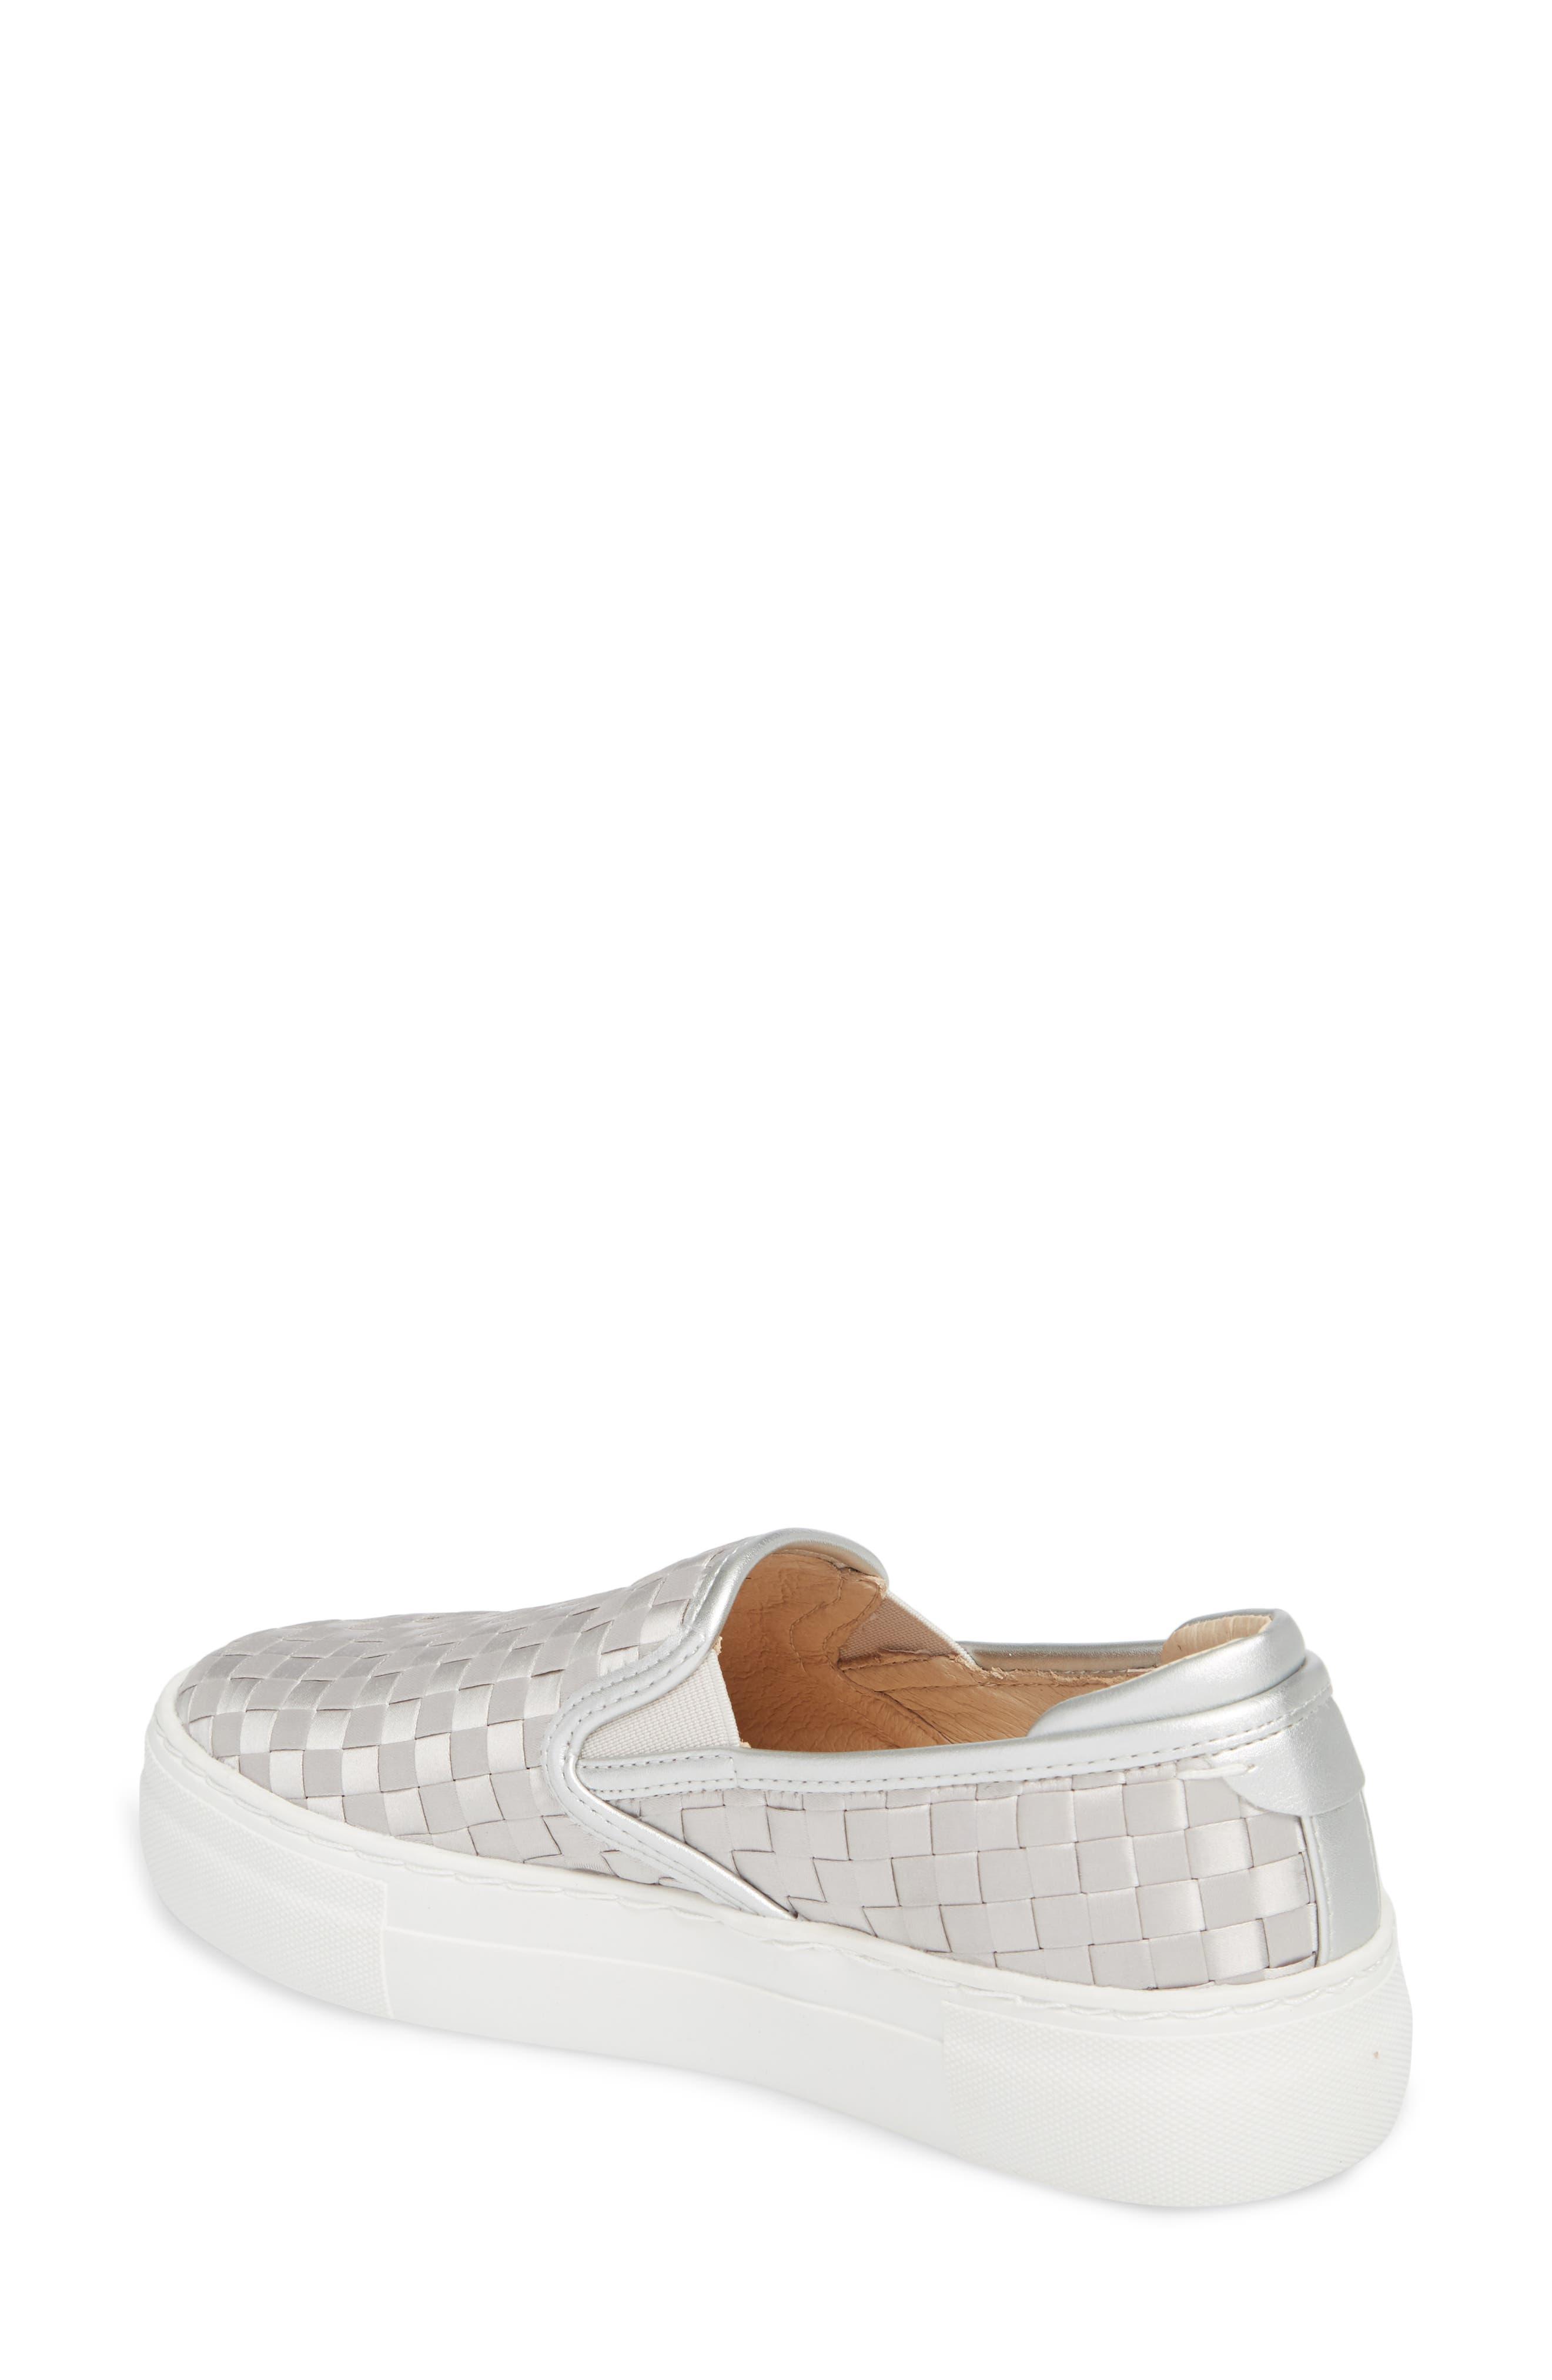 Monte Woven Slip-On Sneaker,                             Alternate thumbnail 2, color,                             Silver Satin